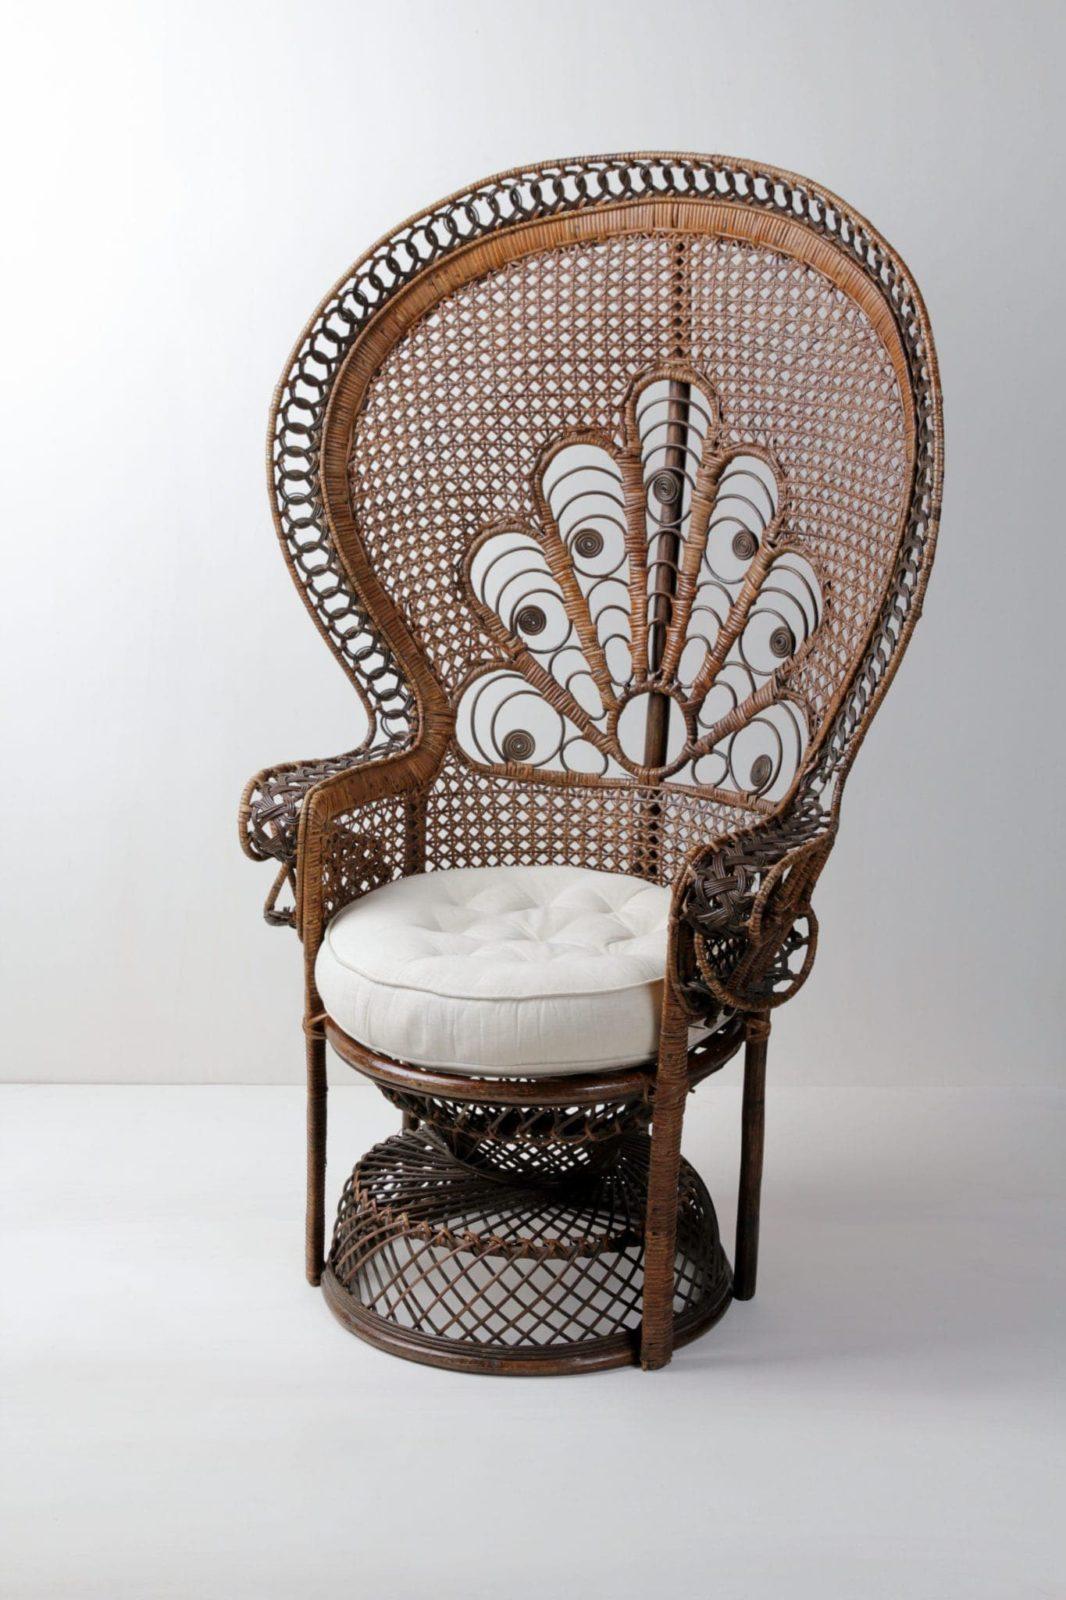 Pfauenstuhl Flavio | Wunderschöner geflochtener Pfauensessel mit cremeweißen Sitzkissen. Ein Blickfang auf jeder Veranstaltung. | gotvintage Rental & Event Design